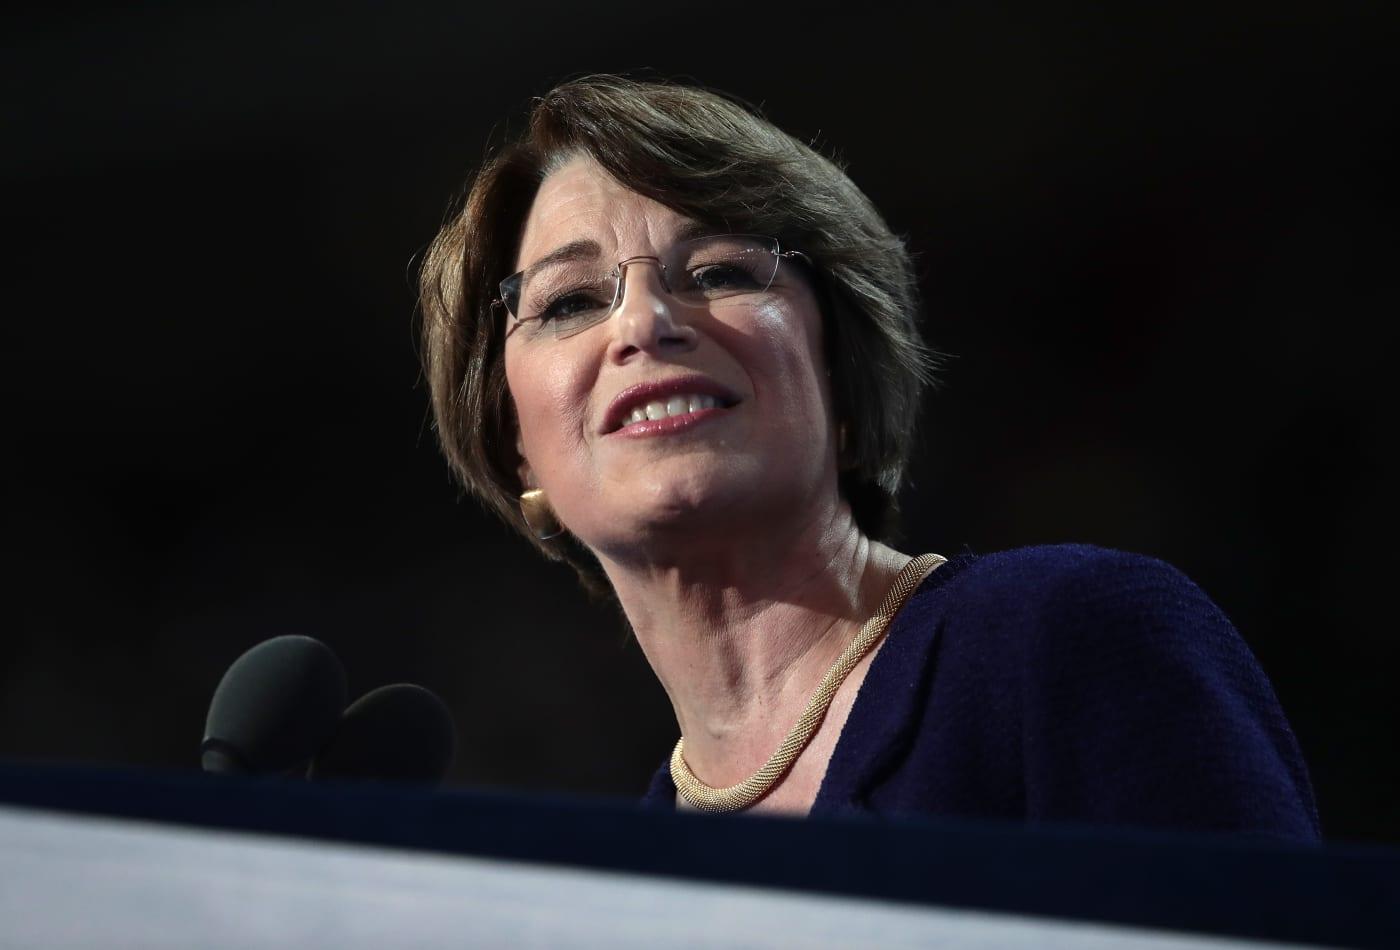 Democratic Sen. Amy Klobuchar is running for president — here are her top priorities